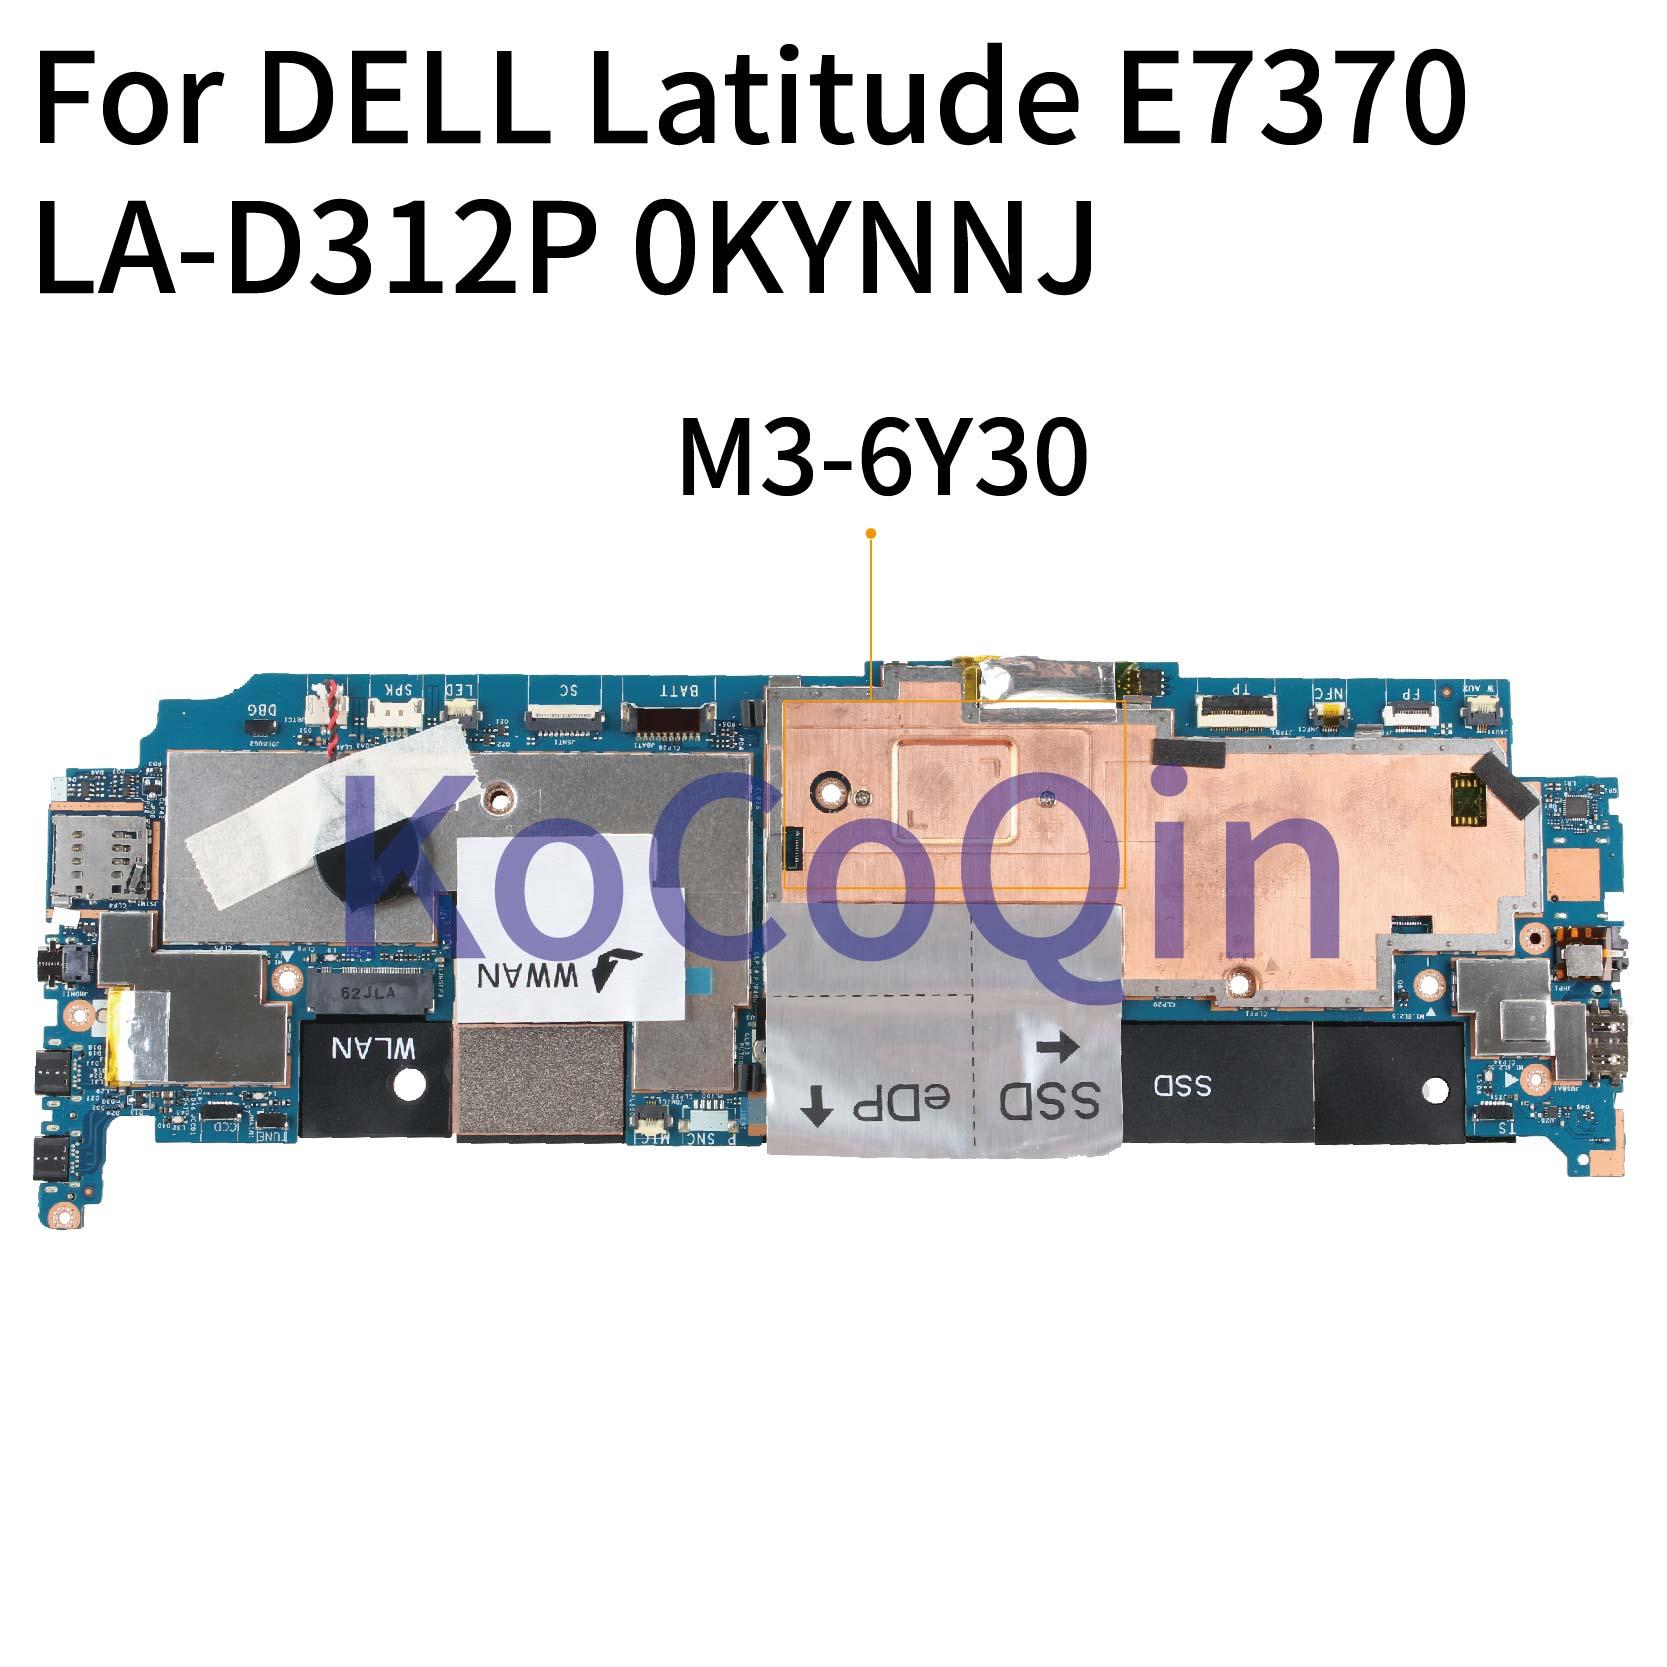 KoCoQin ordenador portátil placa madre para DELL latitud 13 E7370 M3-6Y30 placa base CN-0KYNNJ 0KYNNJ AAU30 LA-D312P SR2EN